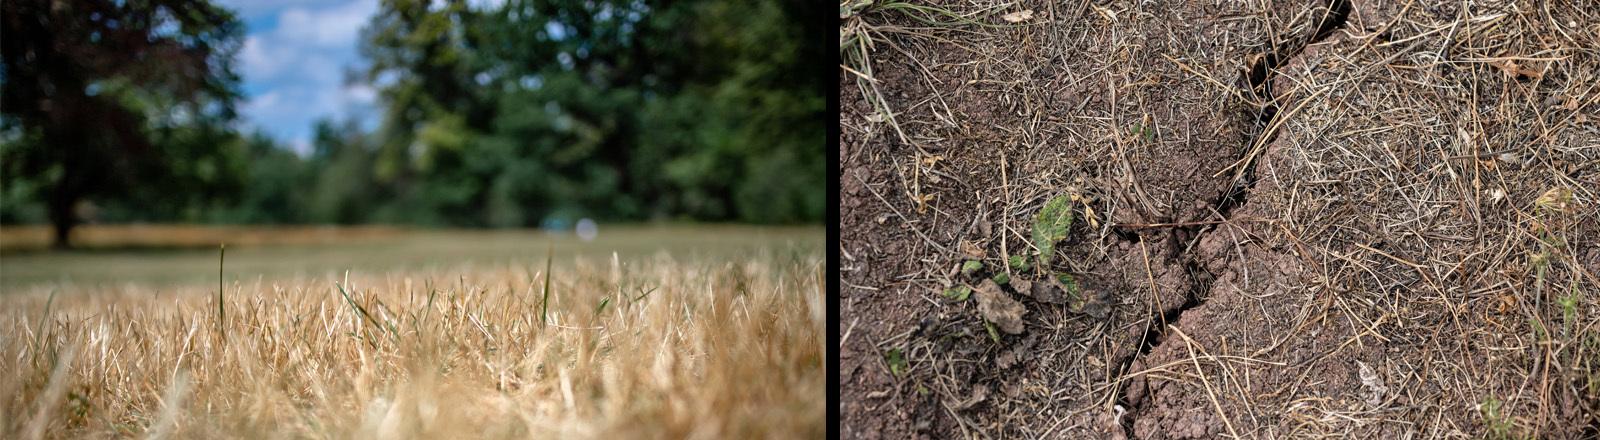 Eine ausgedörrte Wiese im Park neben einen Riss im trockenen Boden